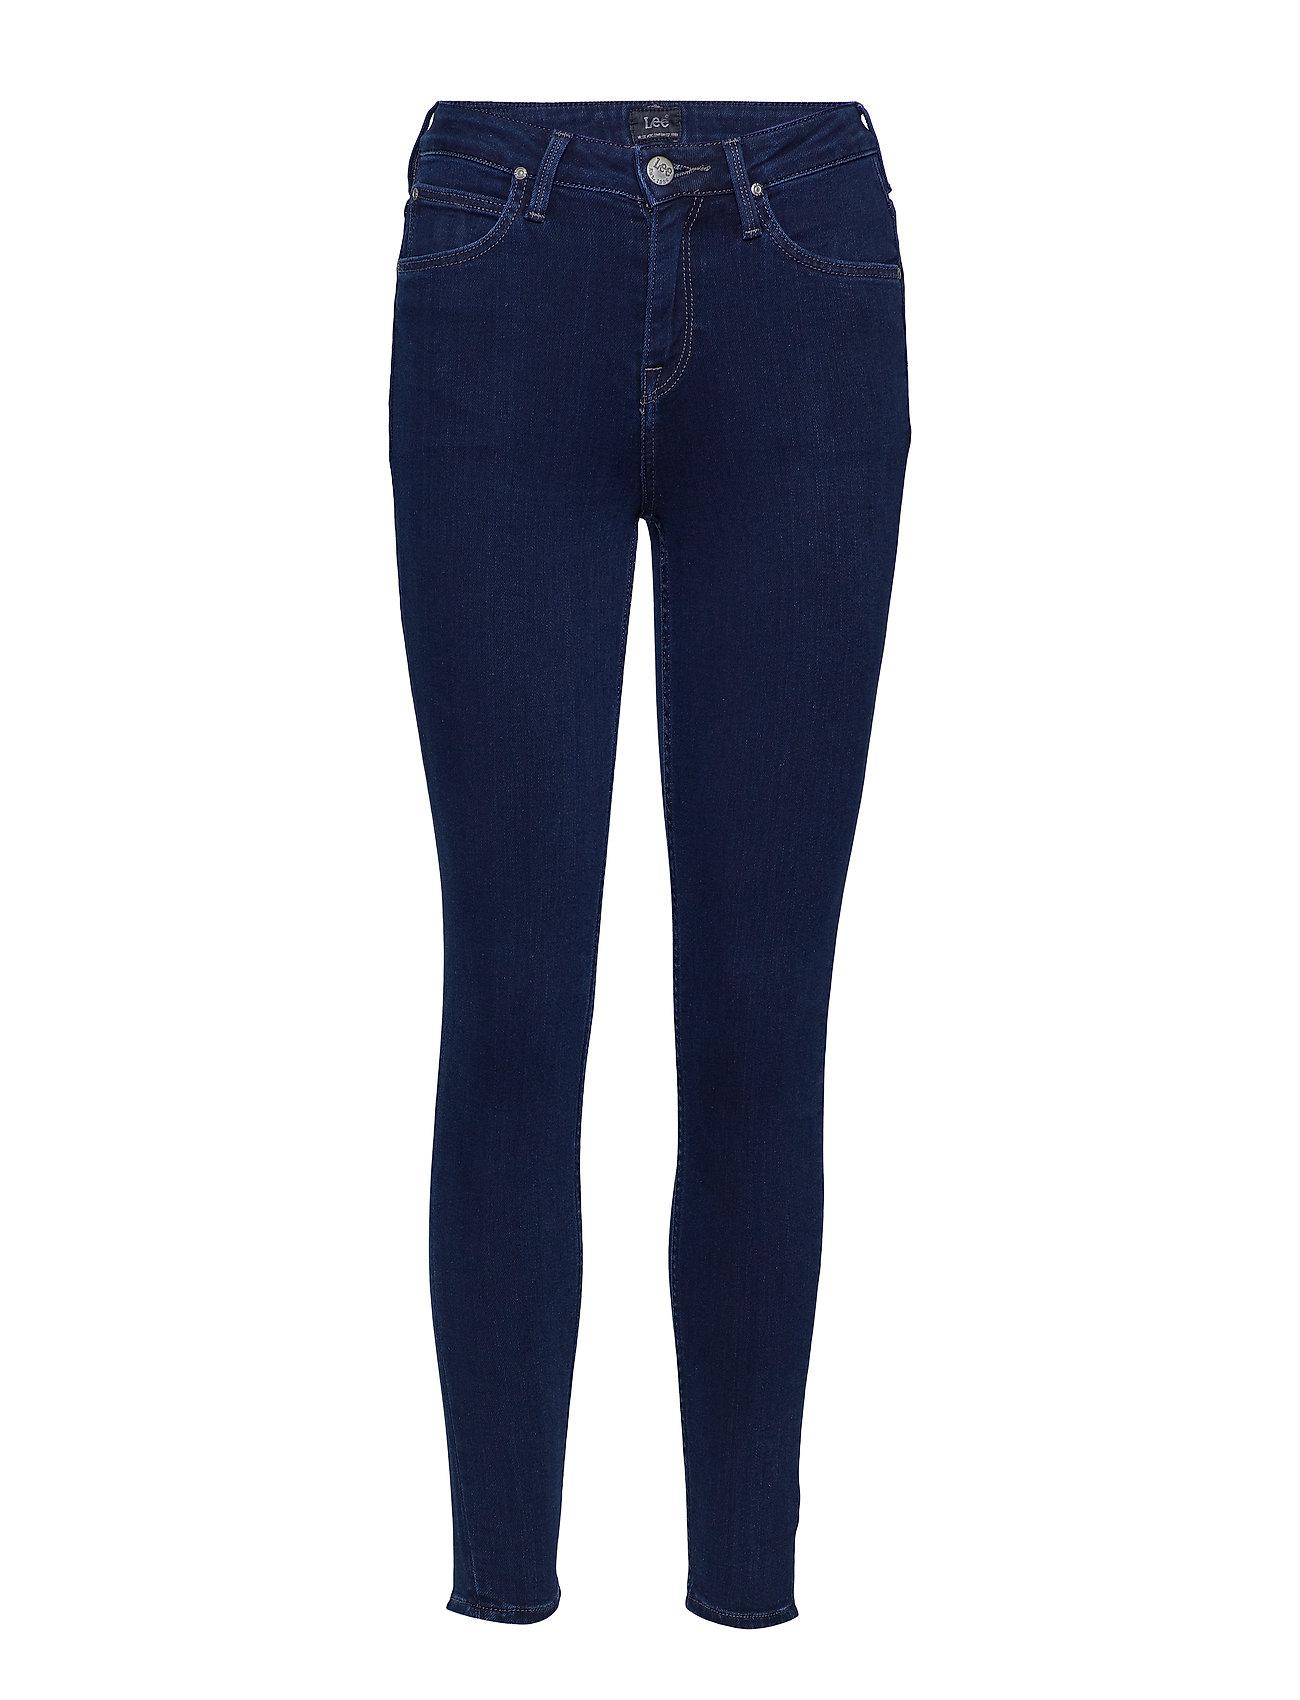 Lee Jeans Scarlett High Croppe - DARK MATTER